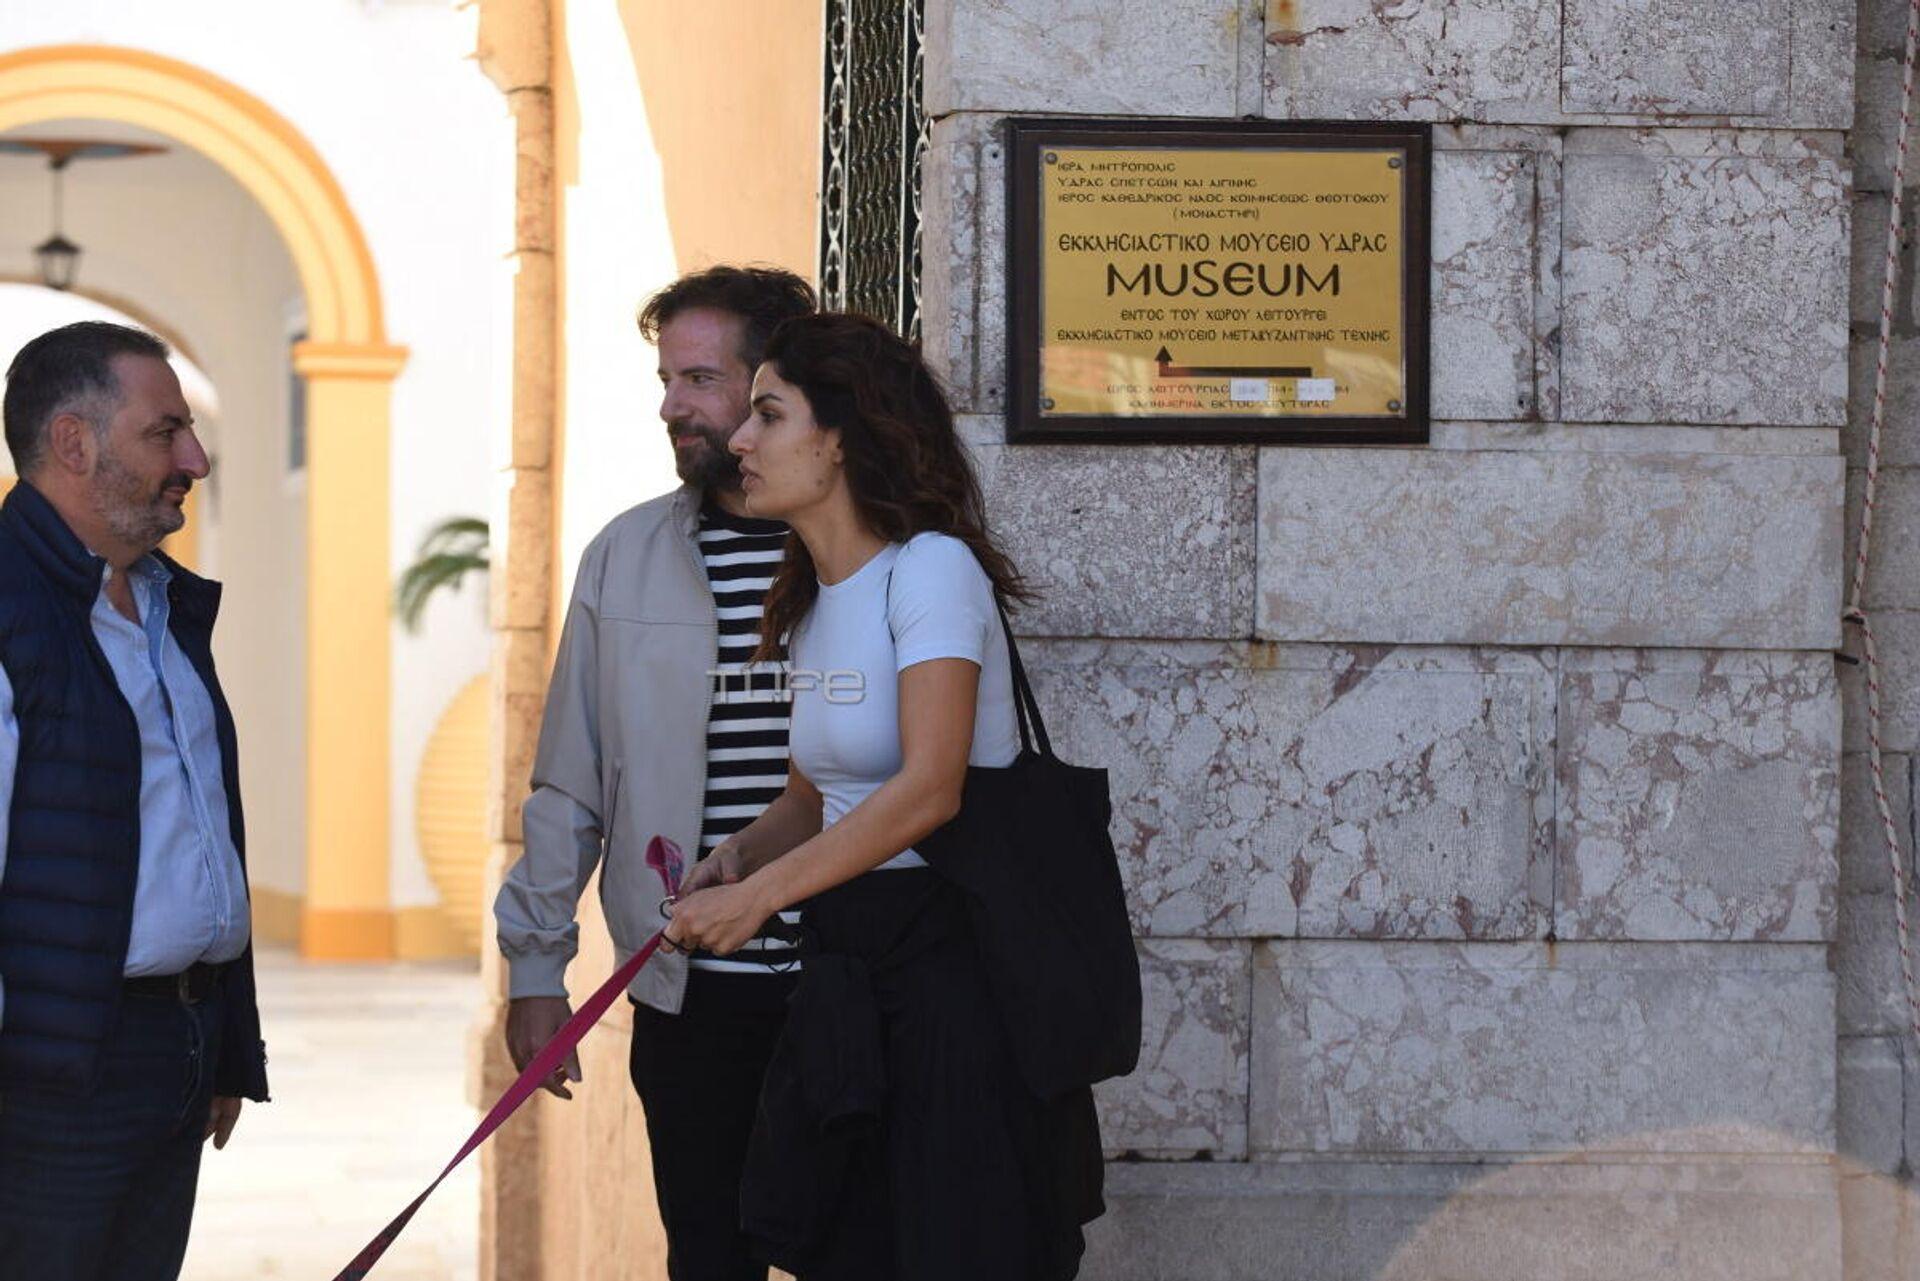 Τόνια Σωτηροπούλου και Κωστής Μαραβέγιας κάνουν βόλτα μετά τον γάμο τους - Sputnik Ελλάδα, 1920, 12.10.2021